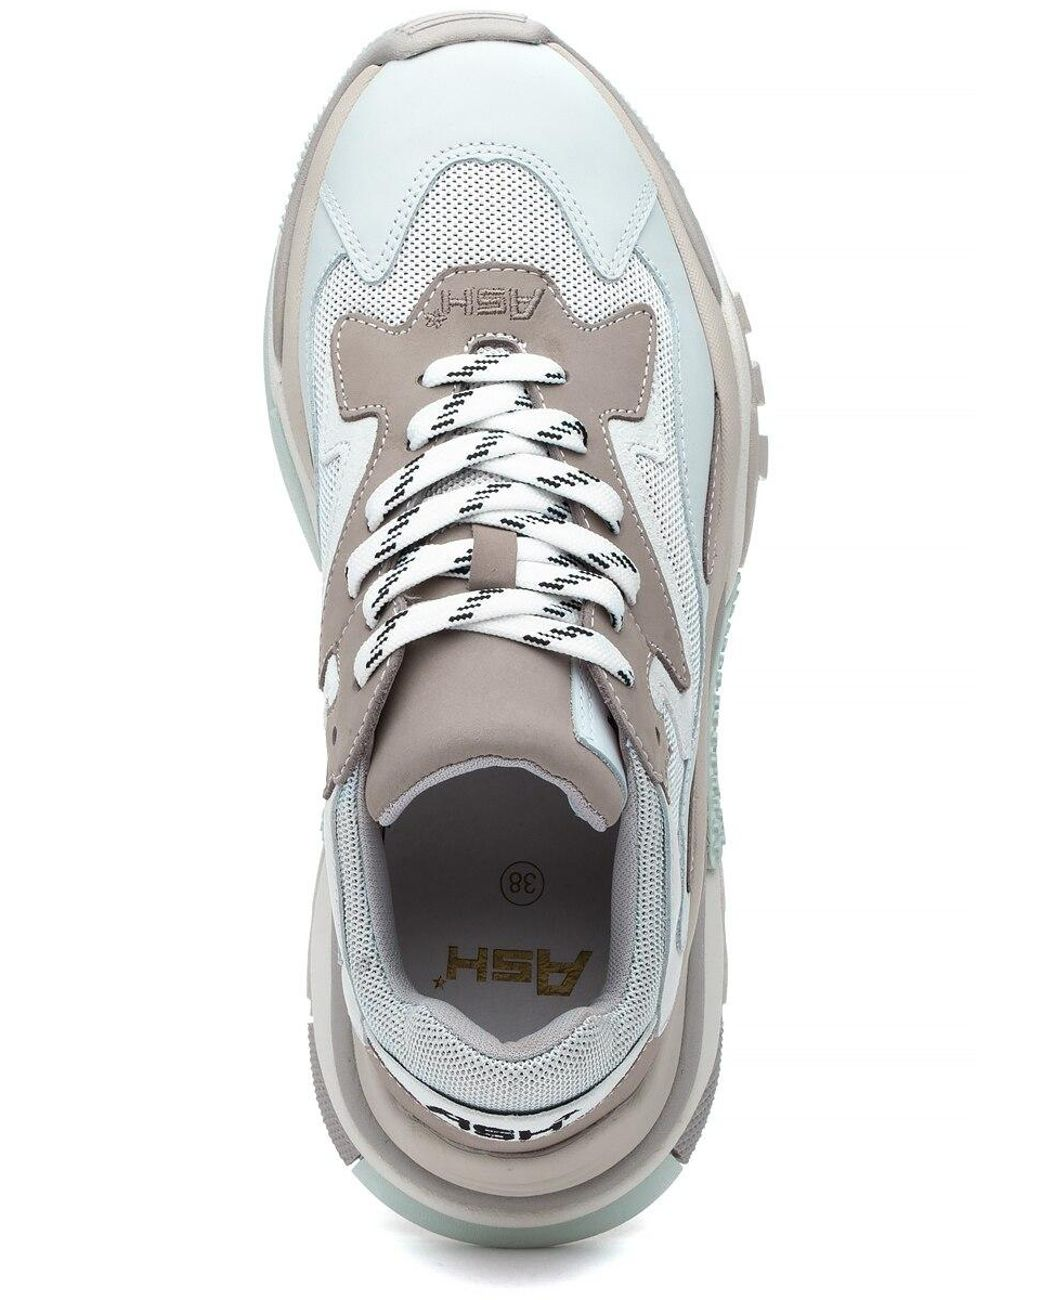 Ash Leather Addict Sneaker Grigio/white